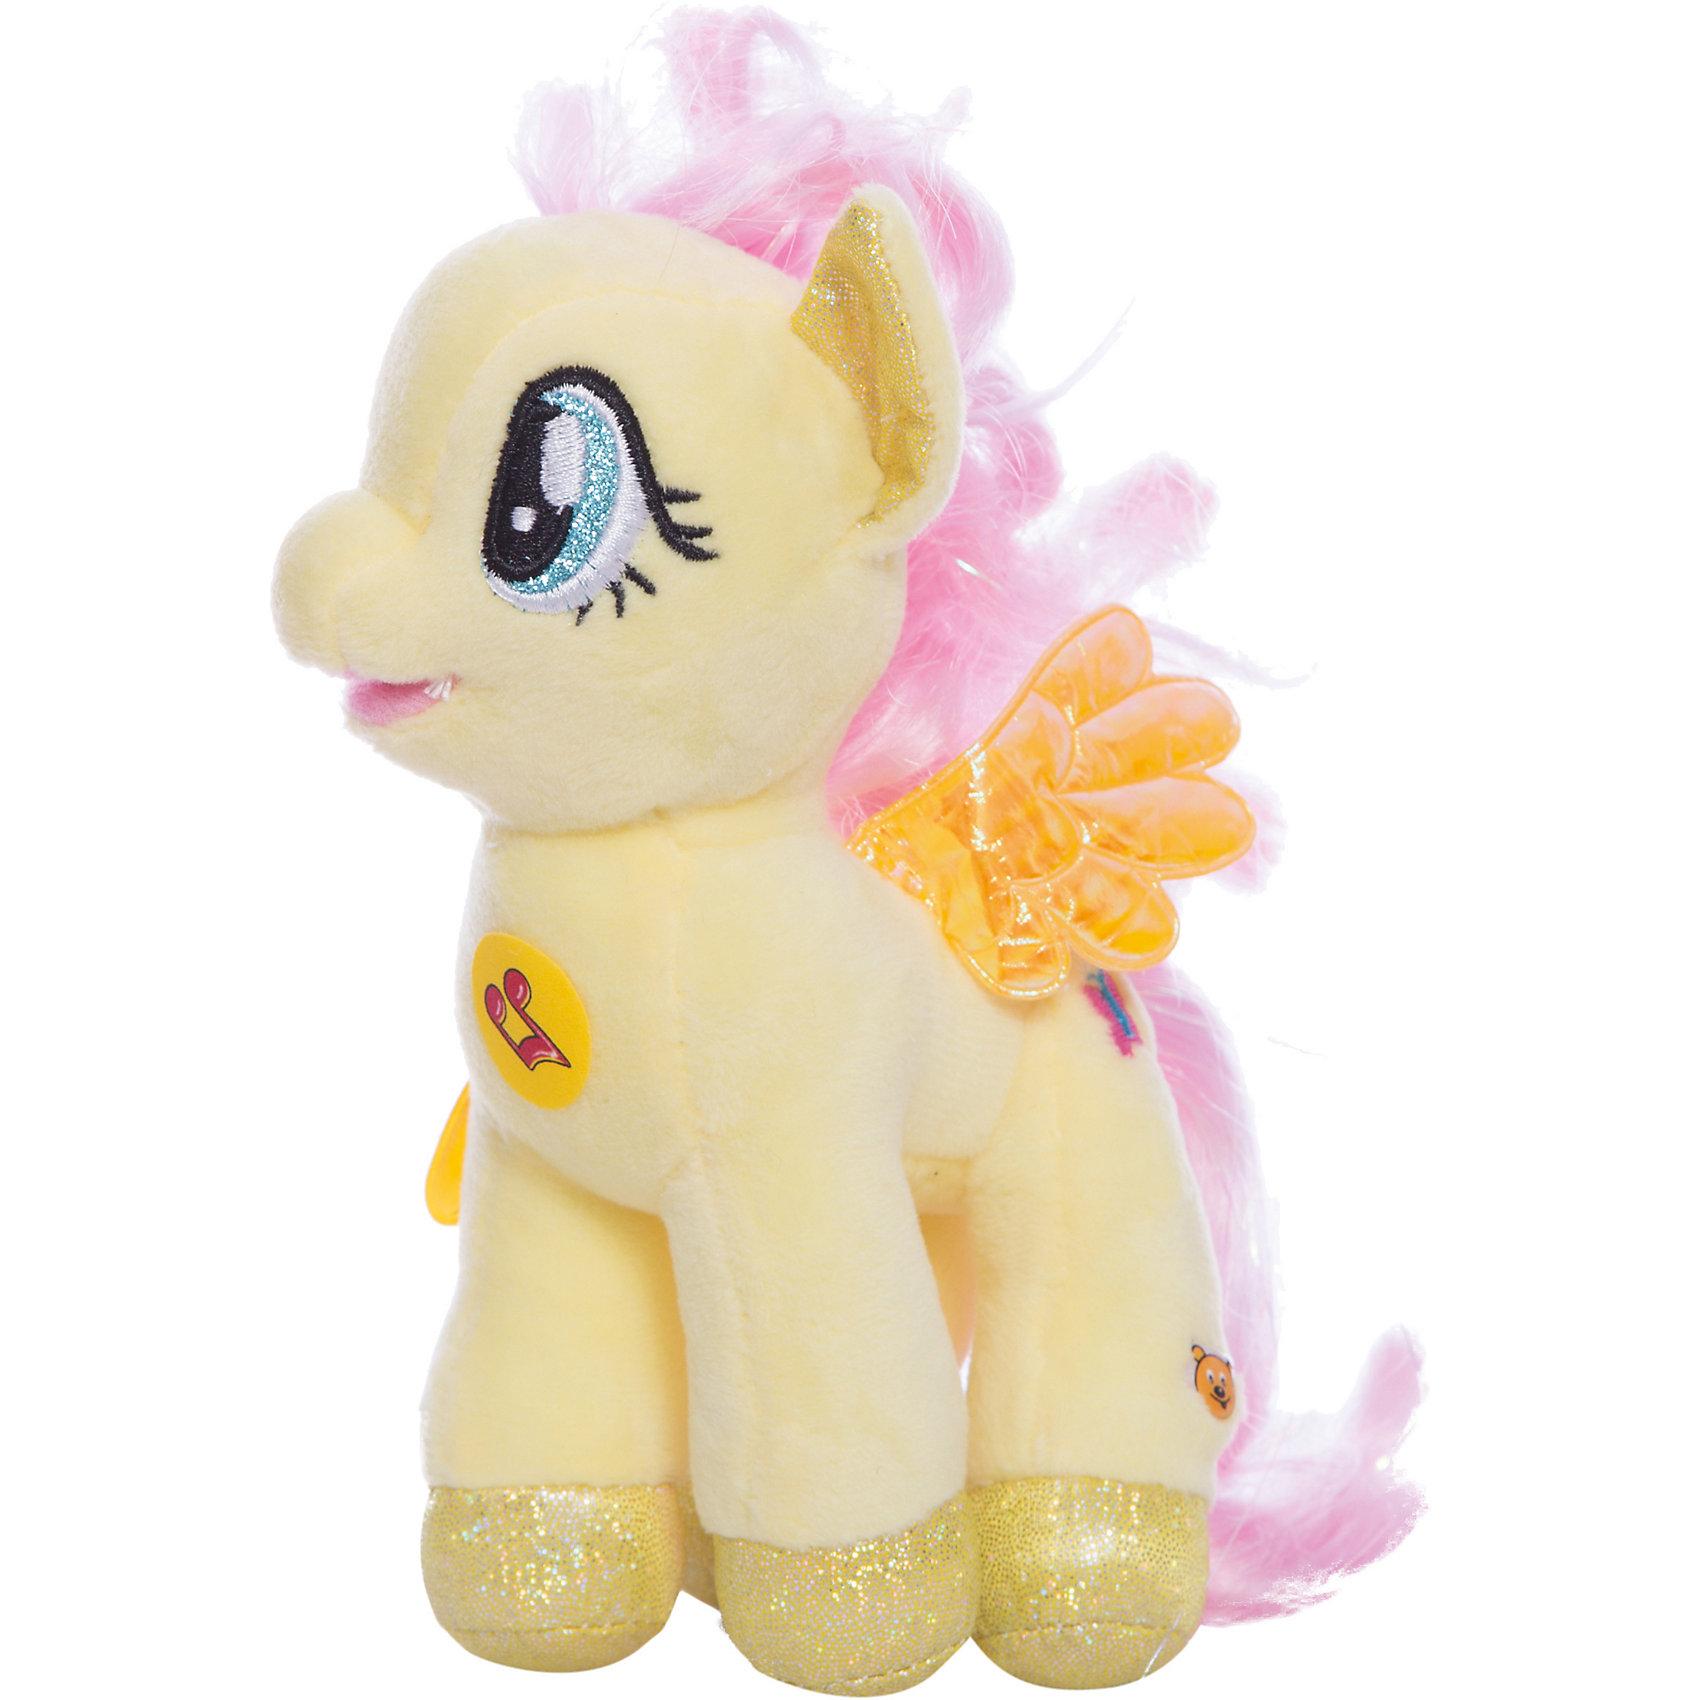 Мягкая игрушка Флаттершай, 18 см, со звуком, My little Pony, МУЛЬТИ-ПУЛЬТИОзвученные мягкие игрушки<br>Мягкая игрушка Флаттершай со звуком от марки МУЛЬТИ-ПУЛЬТИ<br><br>Очаровательная мягкая игрушка от отечественного производителя сделана в виде известного персонажа из мультфильма My little Pony. Она поможет ребенку проводить время весело и с пользой. В игрушке есть встроенный звуковой модуль, который  позволяет ей говорить несколько фраз и петь песни.<br>Размер игрушки универсален - 18 сантиметров, её удобно брать с собой в поездки и на прогулку. Сделана она из качественных и безопасных для ребенка материалов, которые еще и приятны на ощупь. <br><br>Отличительные особенности  игрушки:<br><br>- материал: текстиль, пластик;<br>- звуковой модуль;<br>- язык: русский;<br>- работает на батарейках;<br>- высота: 18 см.<br><br>Мягкую игрушку Флаттершай от марки МУЛЬТИ-ПУЛЬТИ можно купить в нашем магазине.<br><br>Ширина мм: 380<br>Глубина мм: 260<br>Высота мм: 220<br>Вес г: 100<br>Возраст от месяцев: 36<br>Возраст до месяцев: 84<br>Пол: Унисекс<br>Возраст: Детский<br>SKU: 4659491